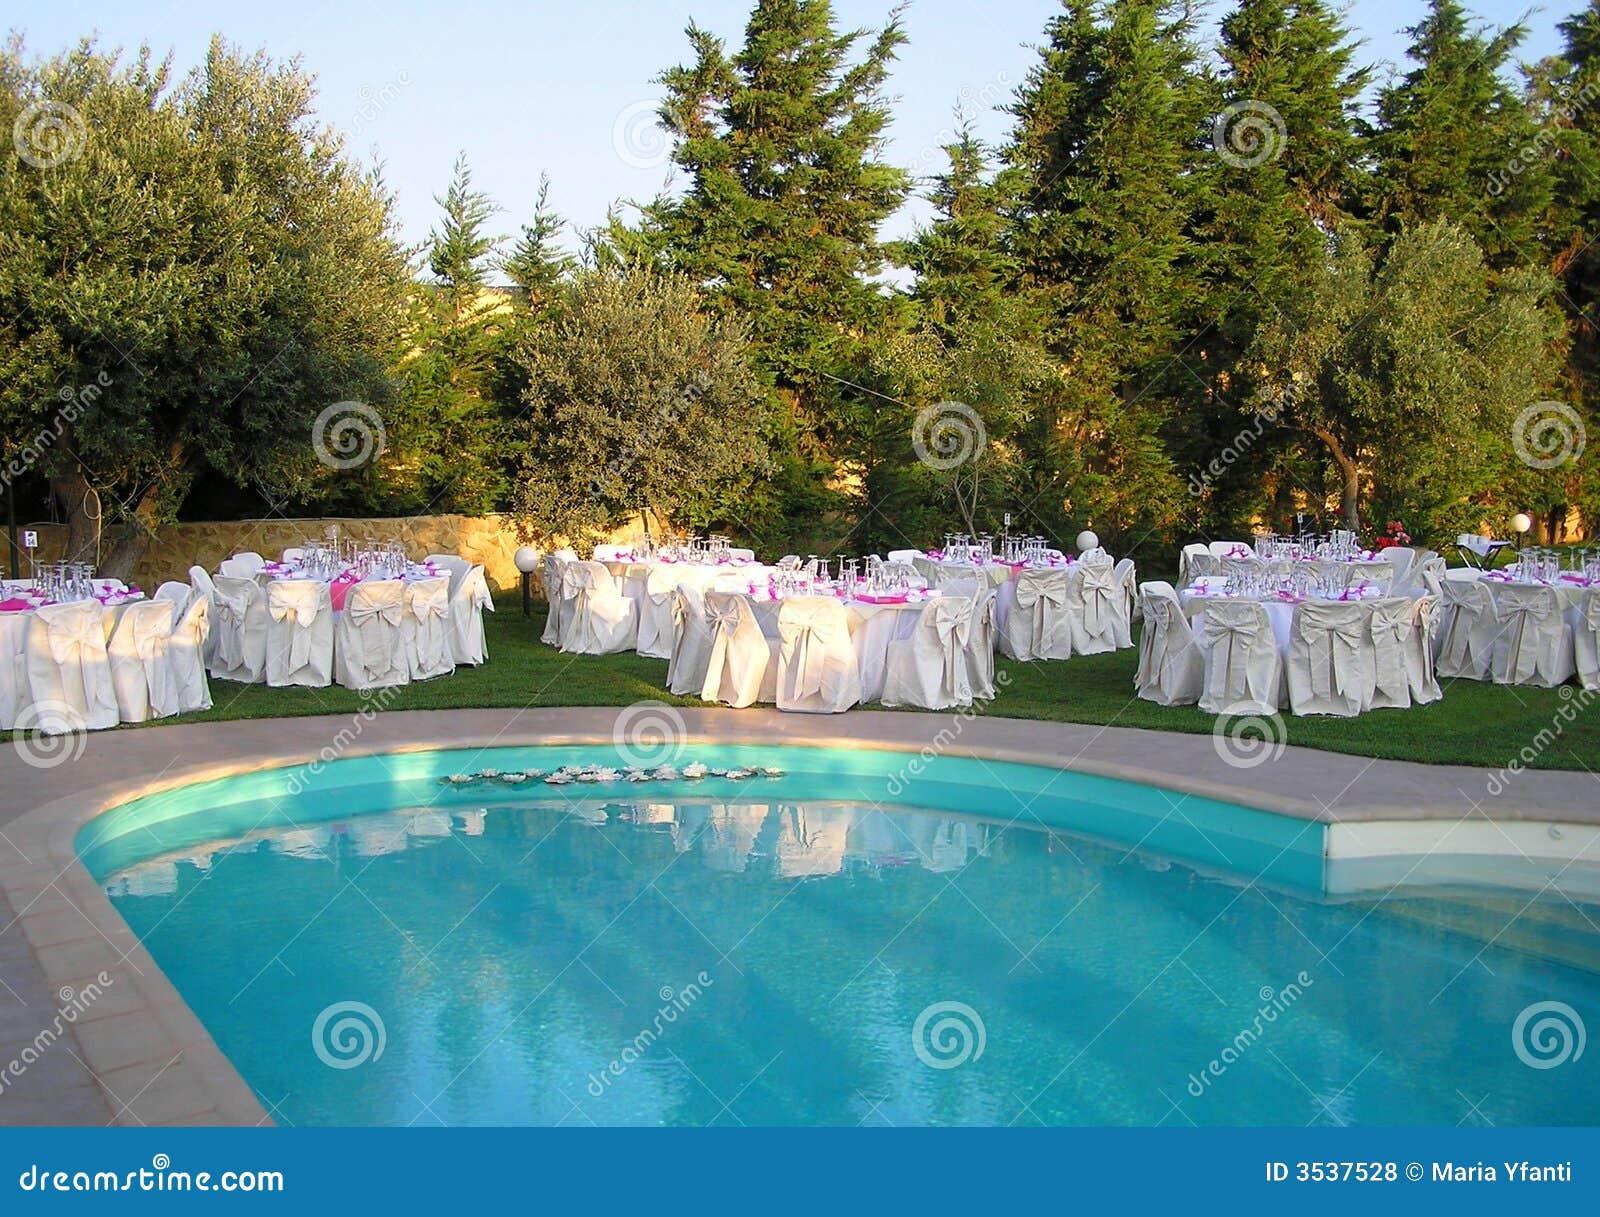 Disposición del abastecimiento, vector de la boda